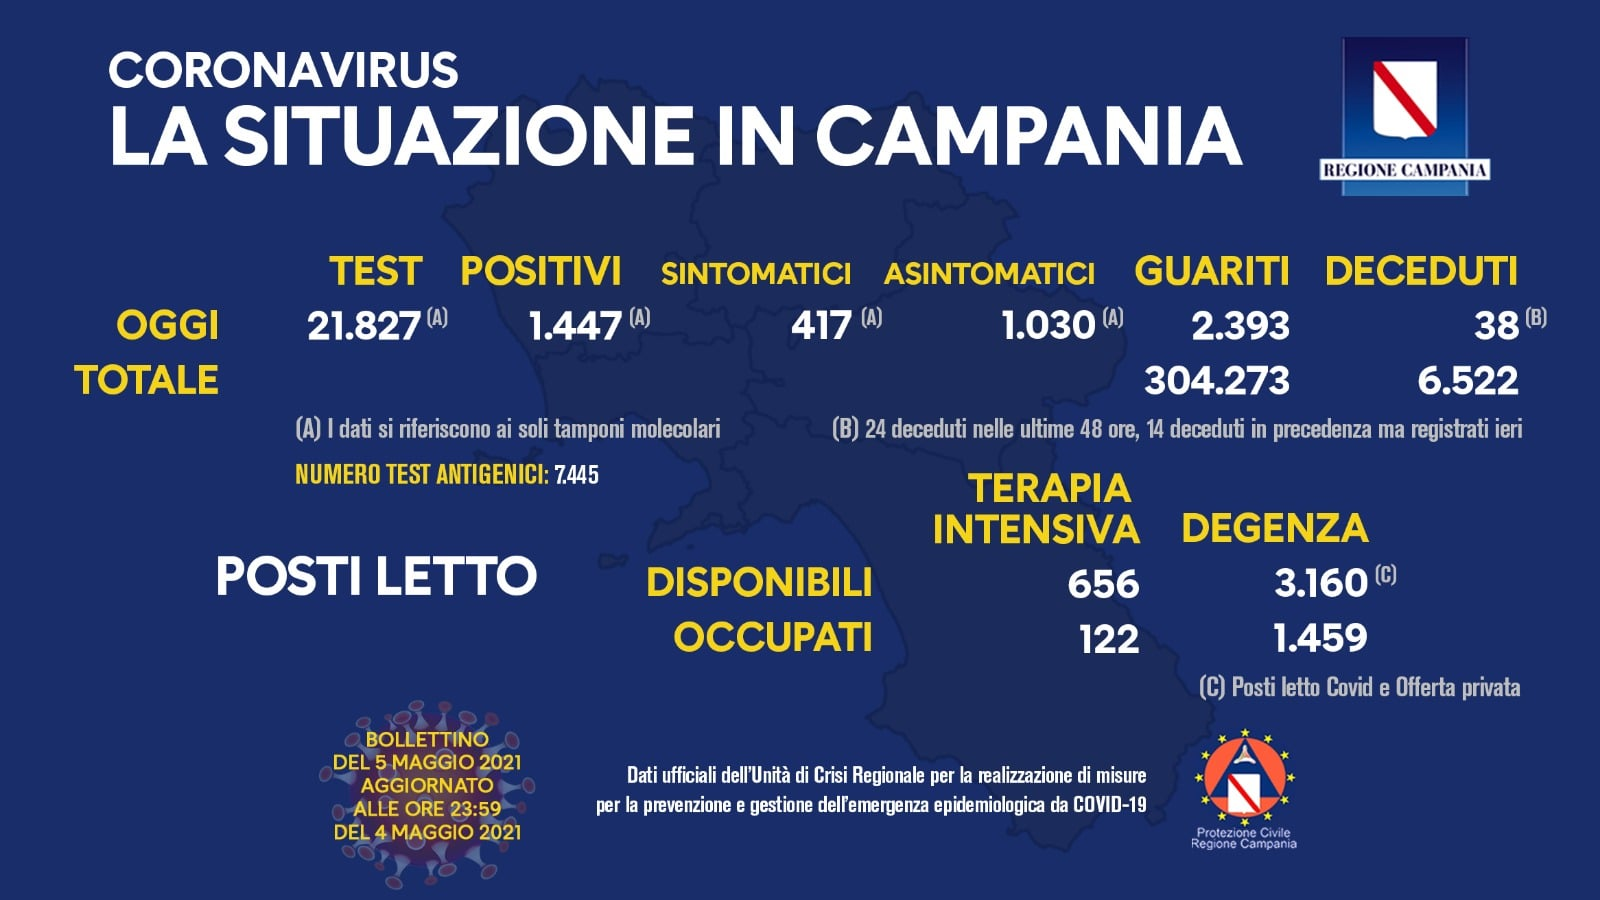 Coronavirus in Campania: bollettino del 5 maggio 2021